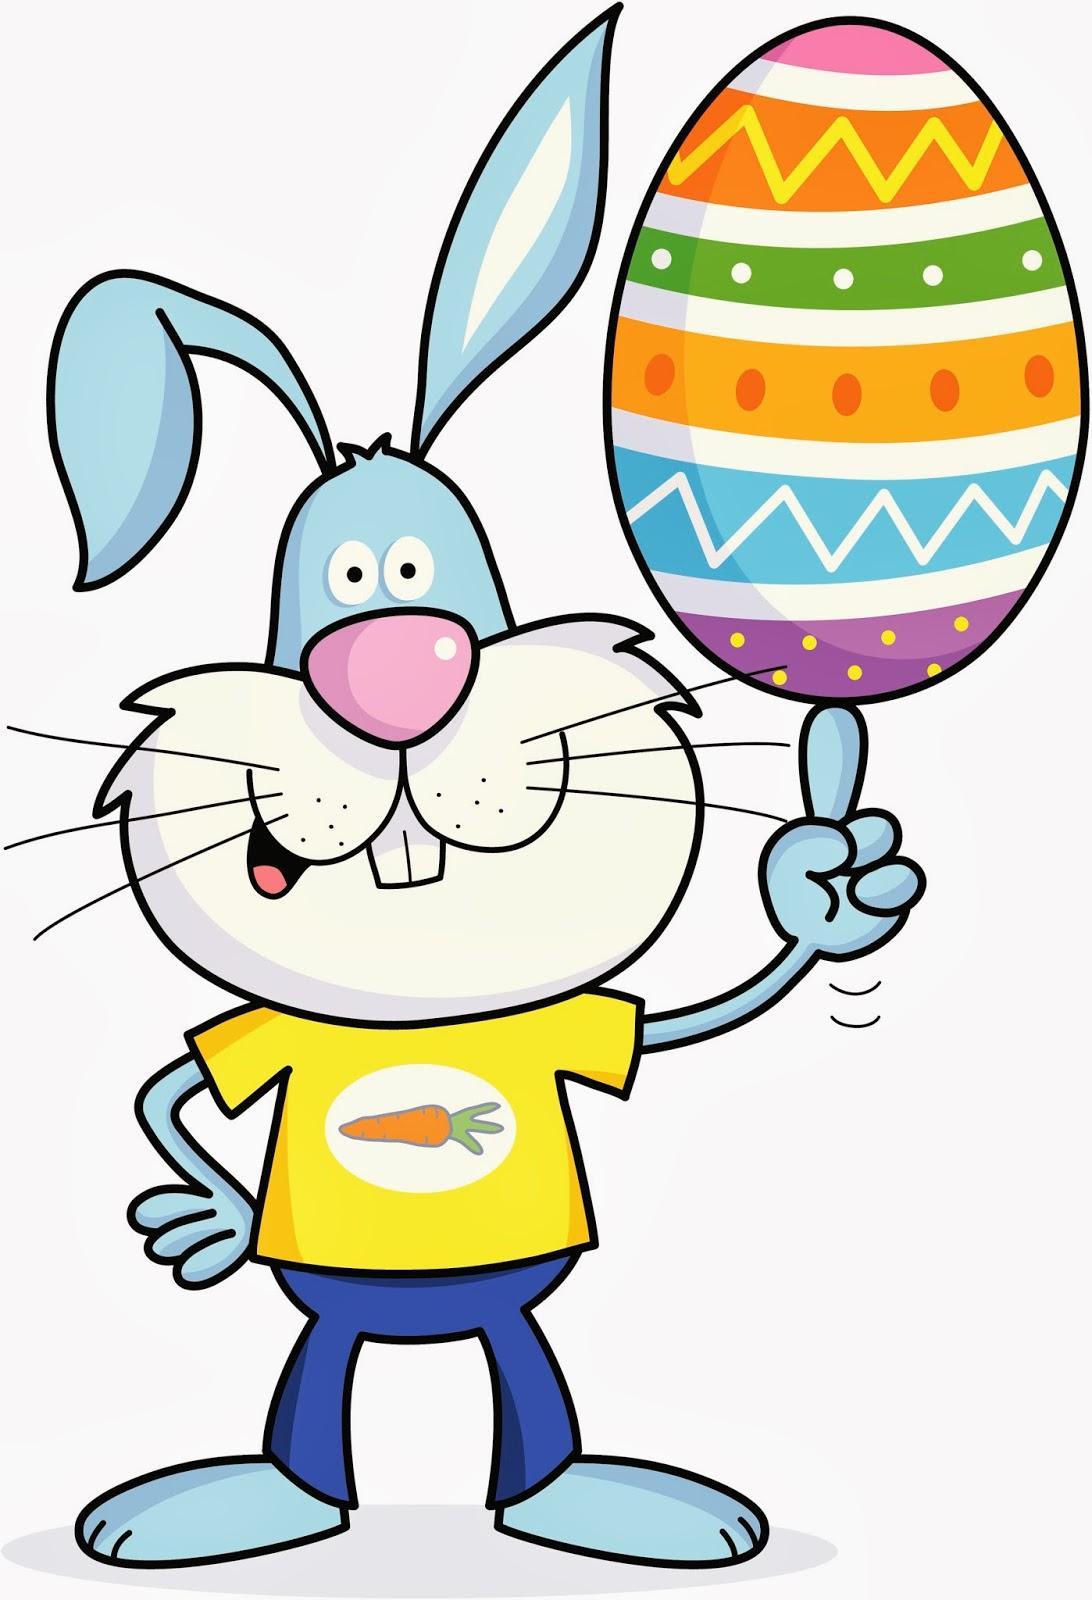 Frases de amor en imagenes: Dibujos de conejos de Pascua para niños